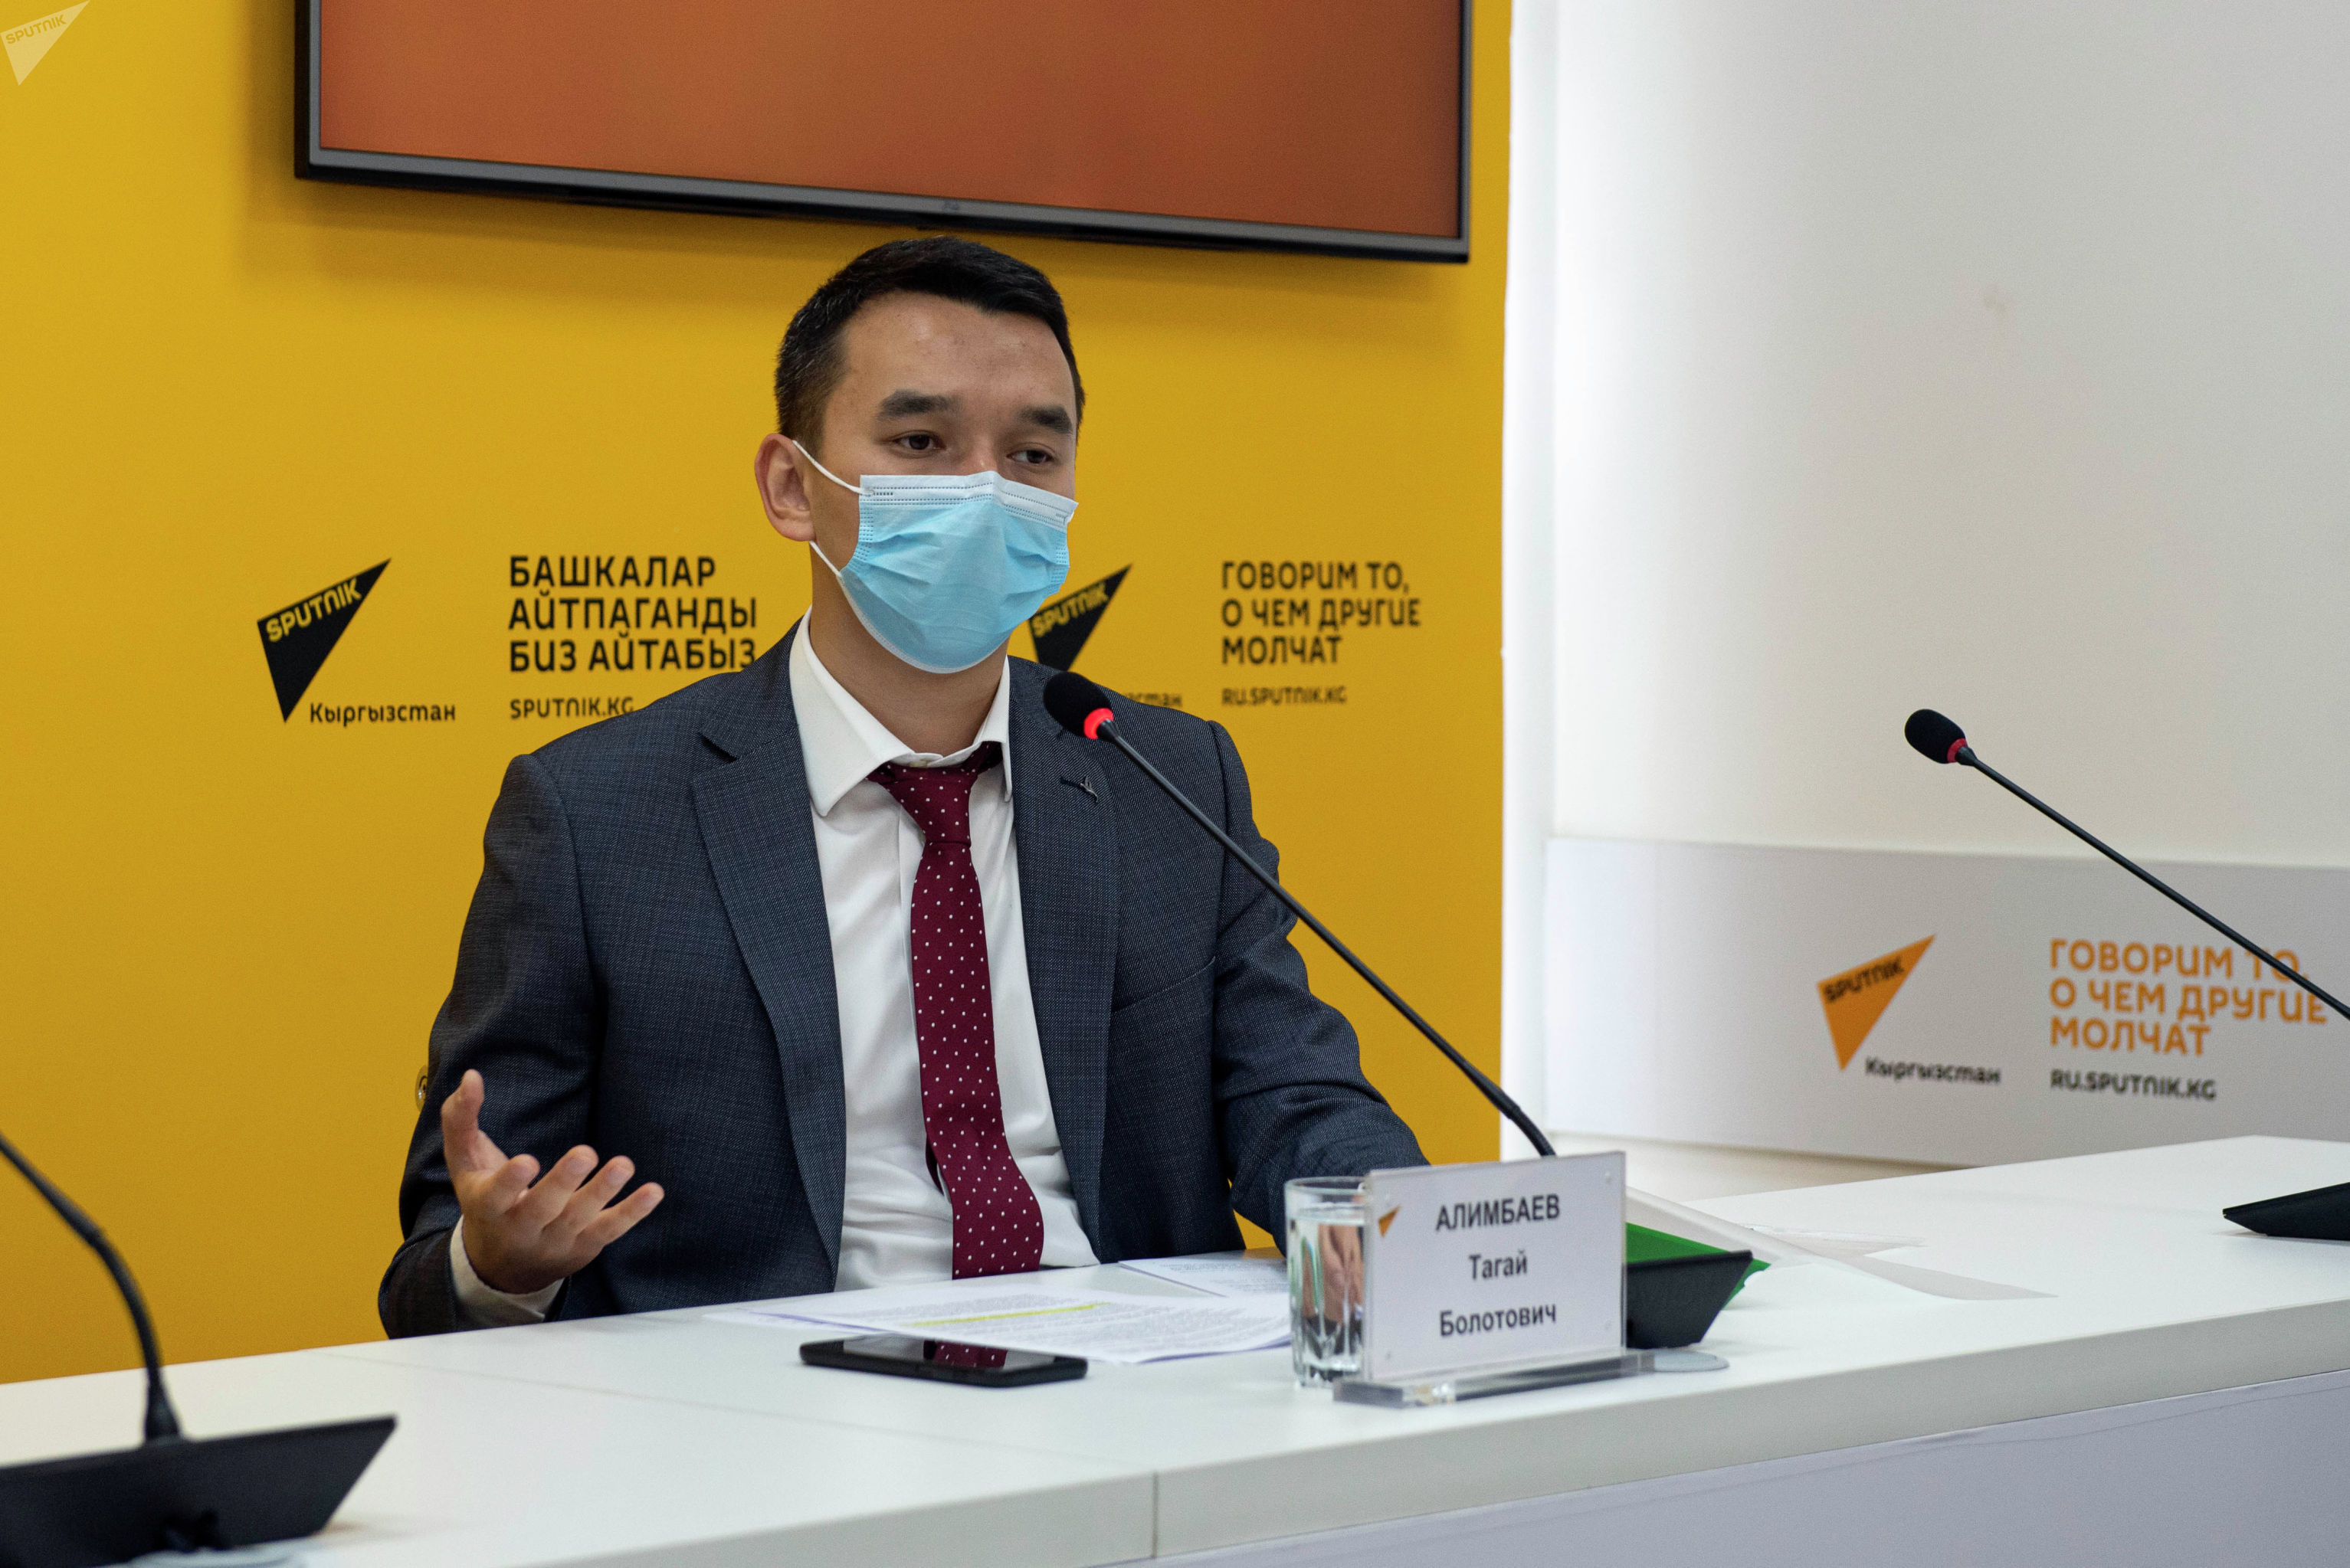 Специалист по мониторингу и связям с общественностью группы реализации инвестиционных проектов Азиатского банка развития при Министерстве транспорта и дорог Тагай Алимбаев в мультимедийном пресс-центре Sputnik Кыргызстан.